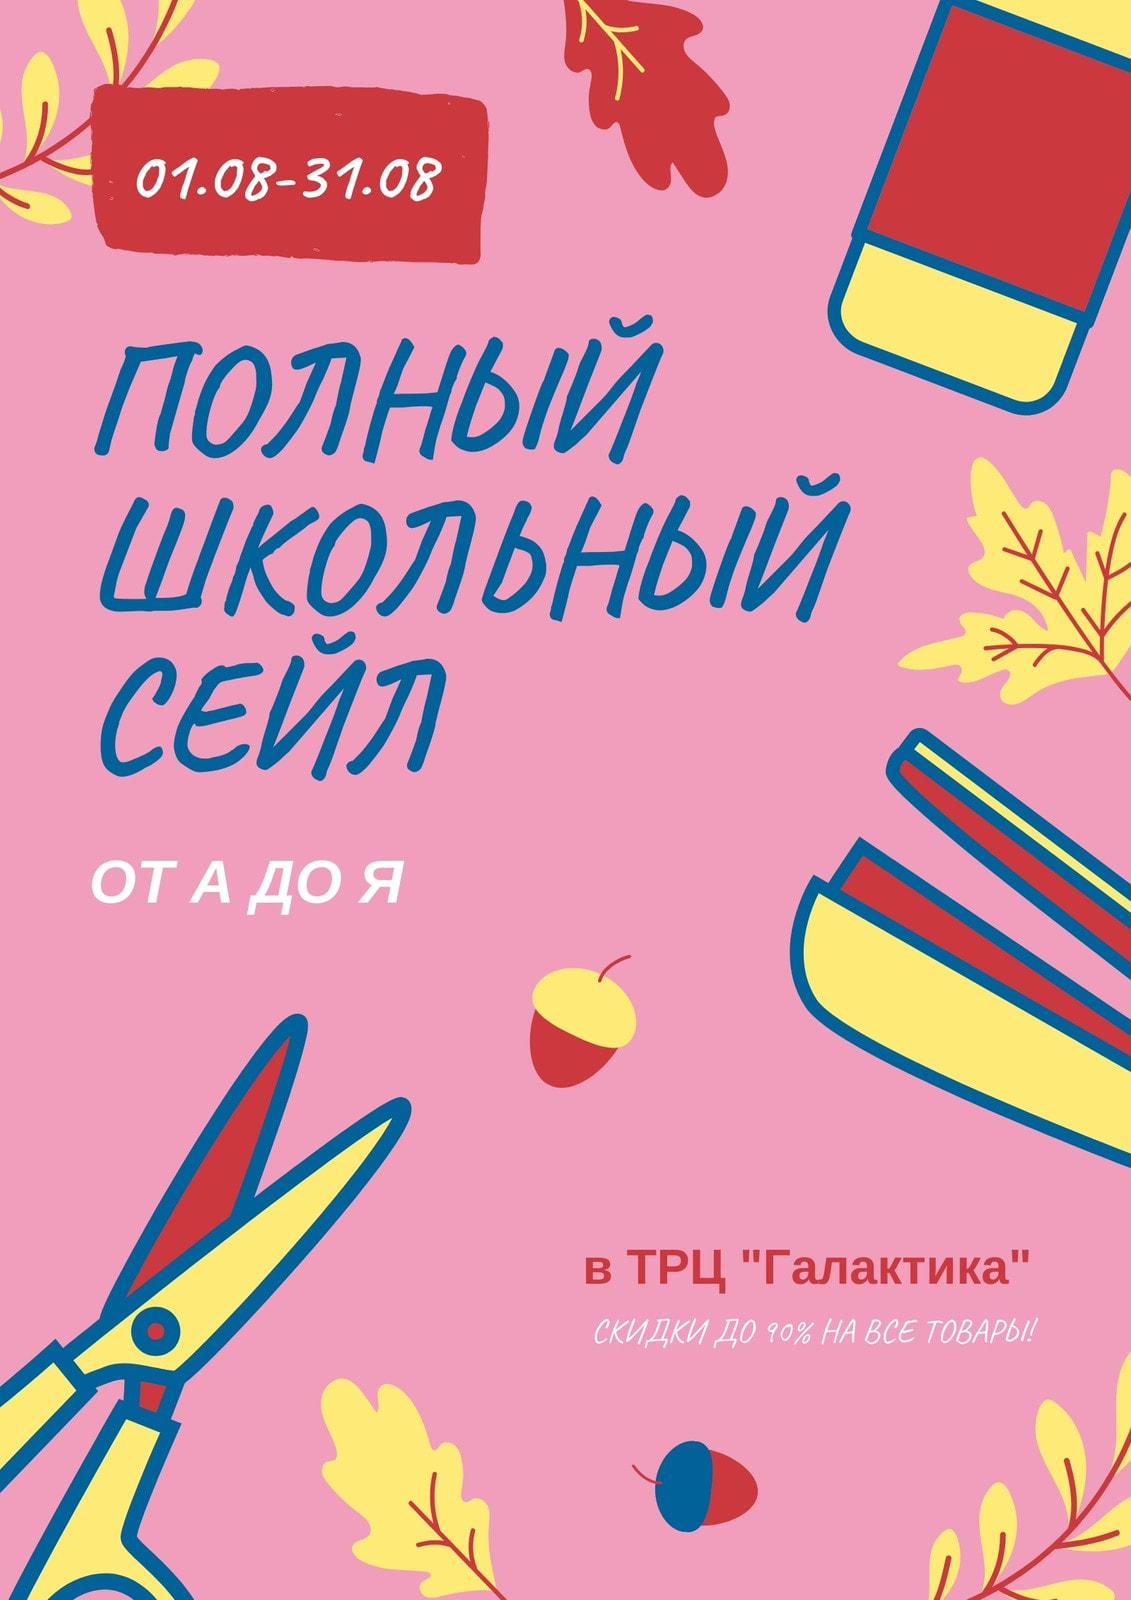 Розовый плакат о школьной распродаже с рисунками канцелярии